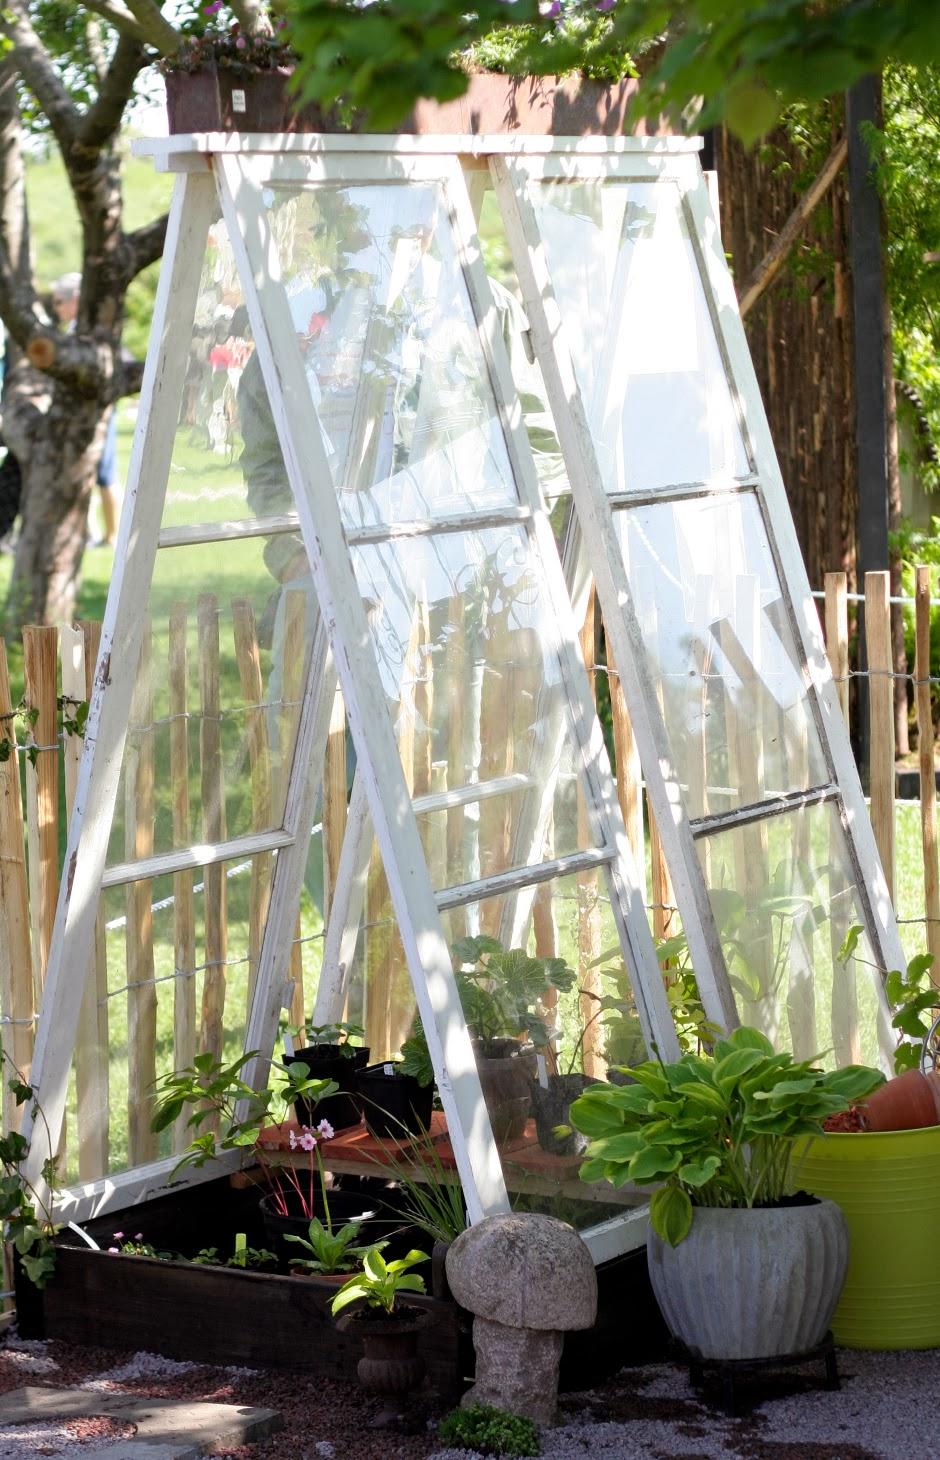 Öarnas trädgårdsplanering: 10 goda idéer till trädgården!